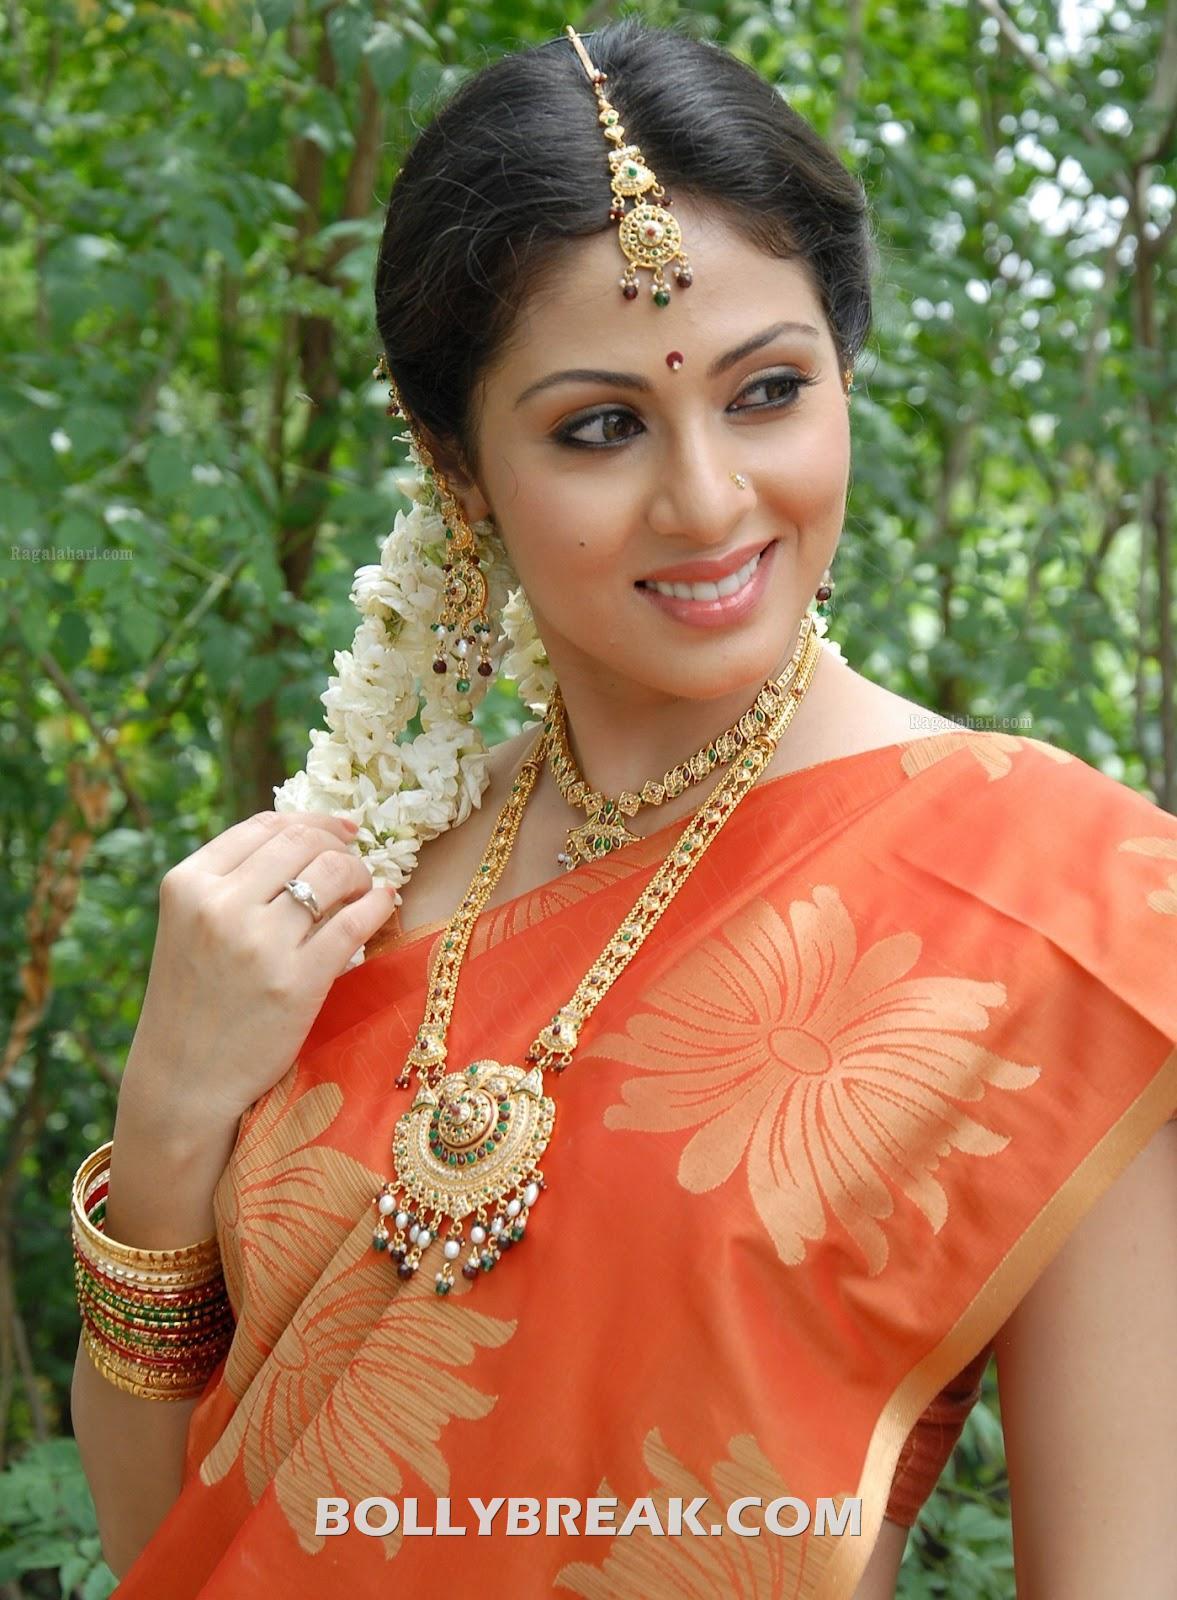 Sada In Orange Saree Photos